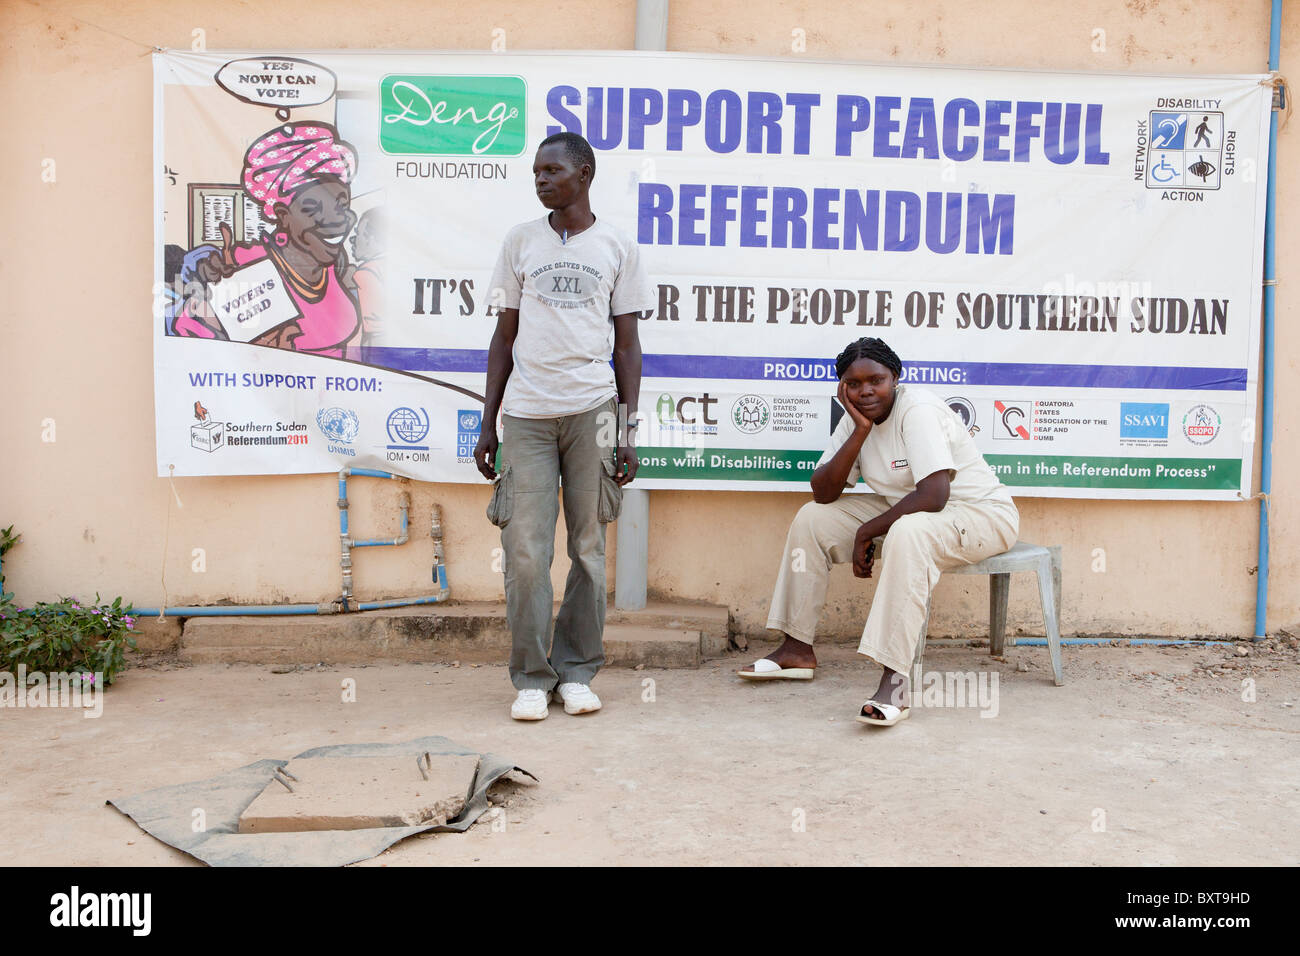 JUBA, Soudan du Sud, 8 décembre 2010: Référendum poster sur un coin de rue dans le centre ville Photo Stock